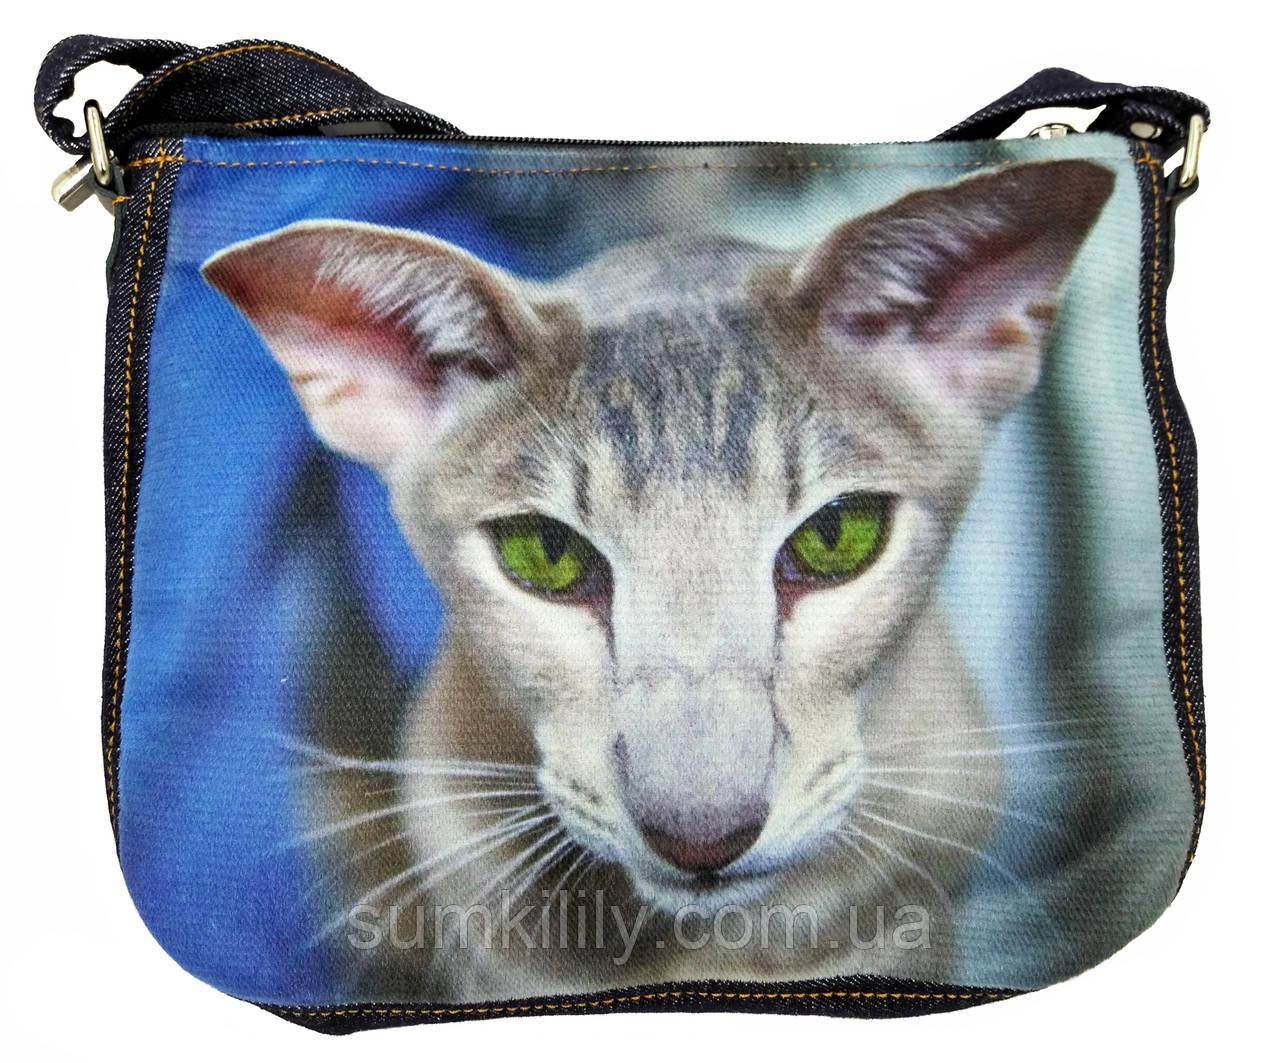 Джинсовая сумка с котом Ориентал